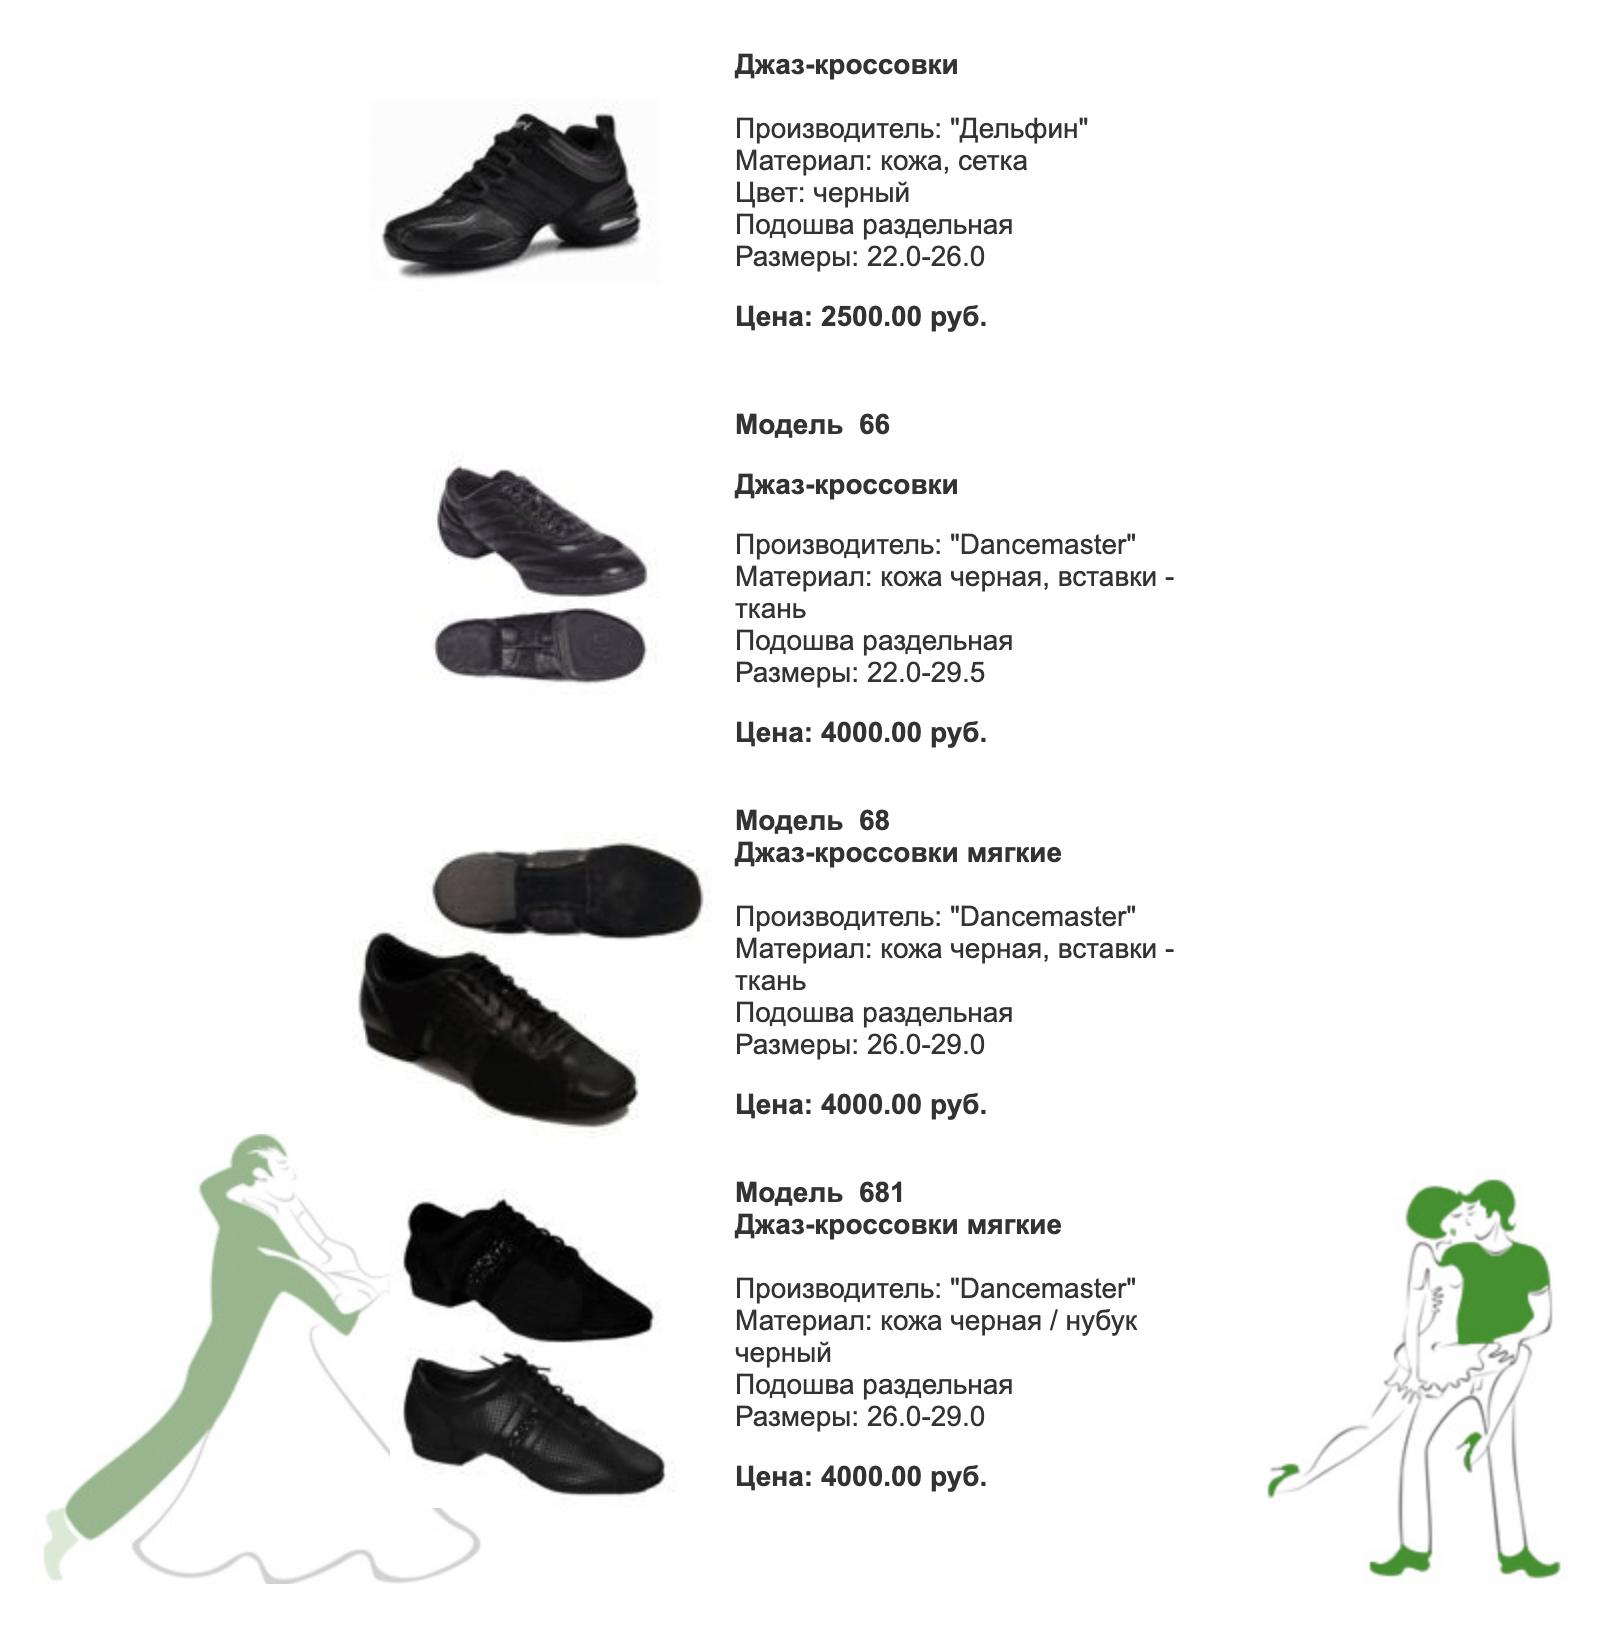 Джазовые кроссовки. Хорошо виден характерный раздельный каблук